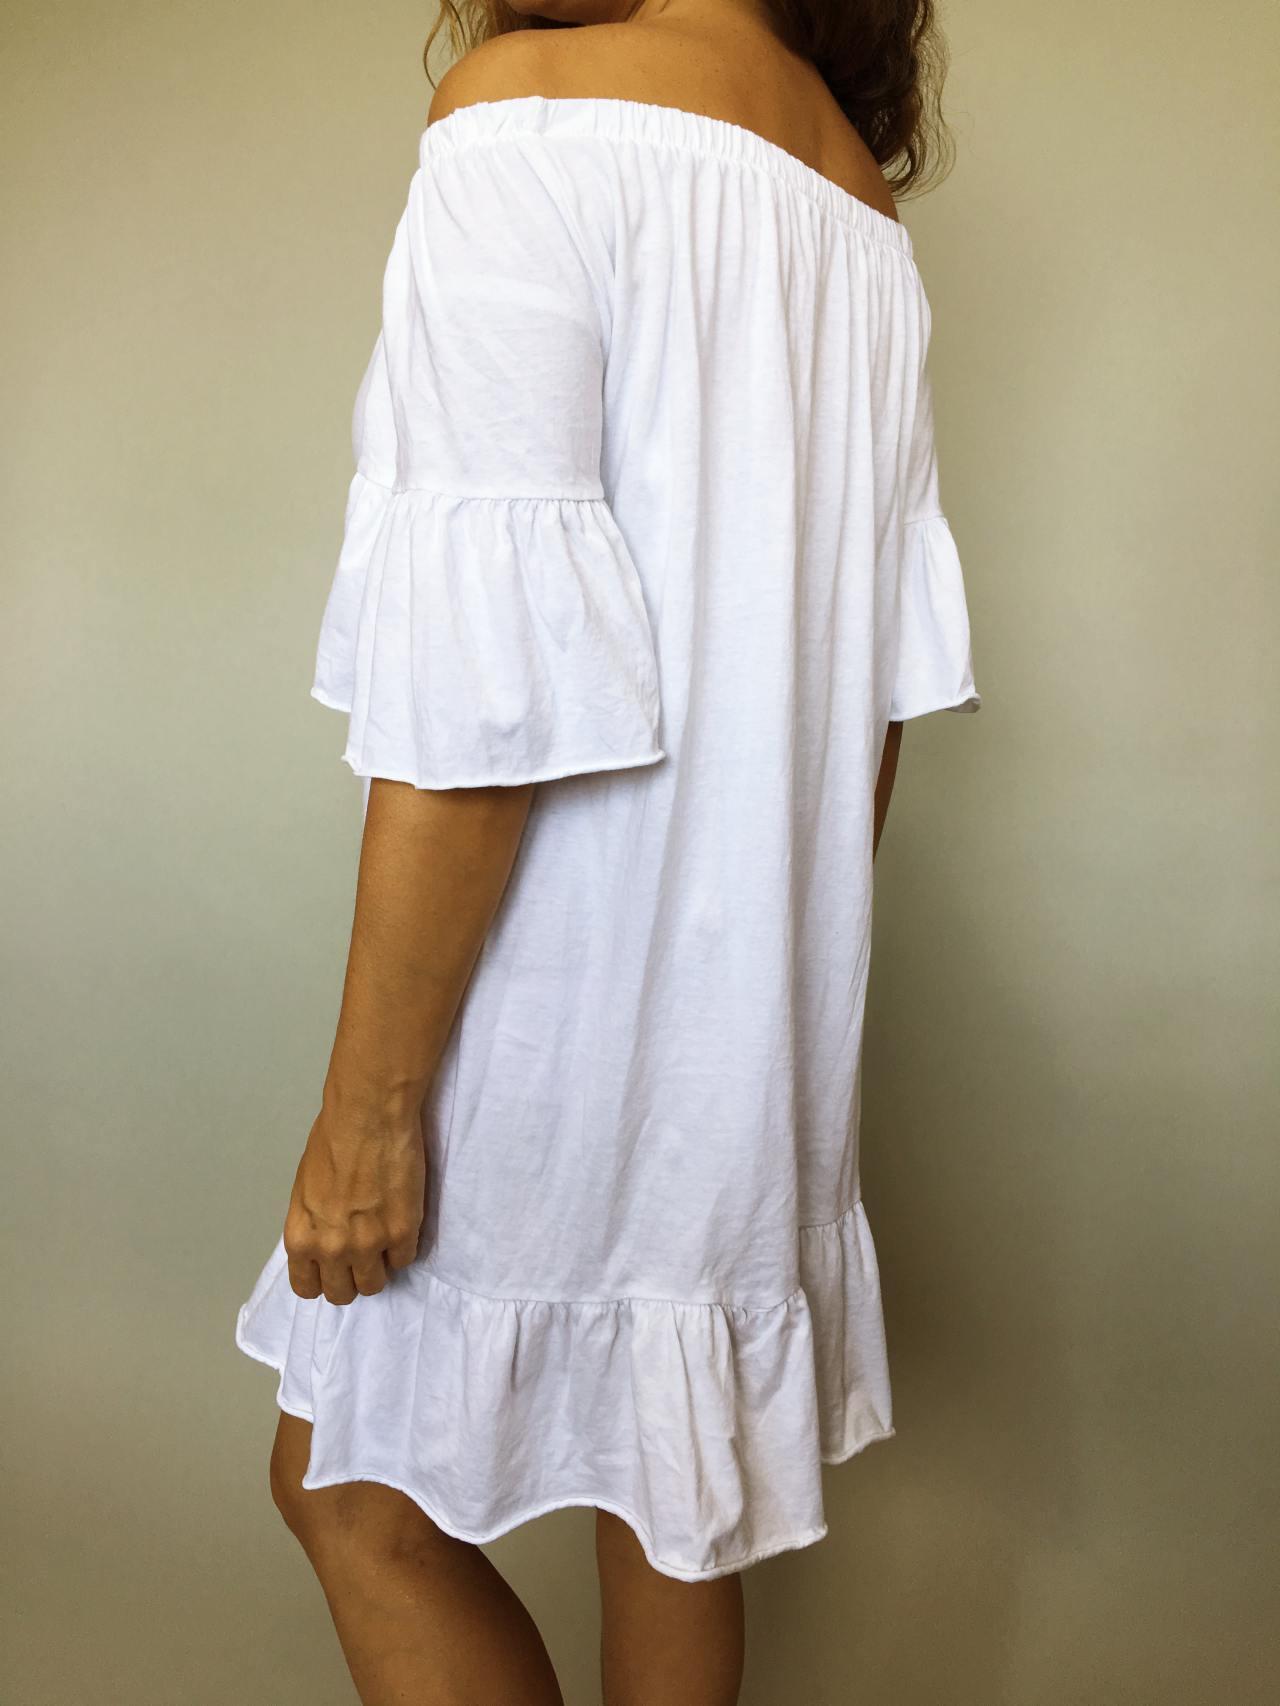 Šaty Frill bílé 03